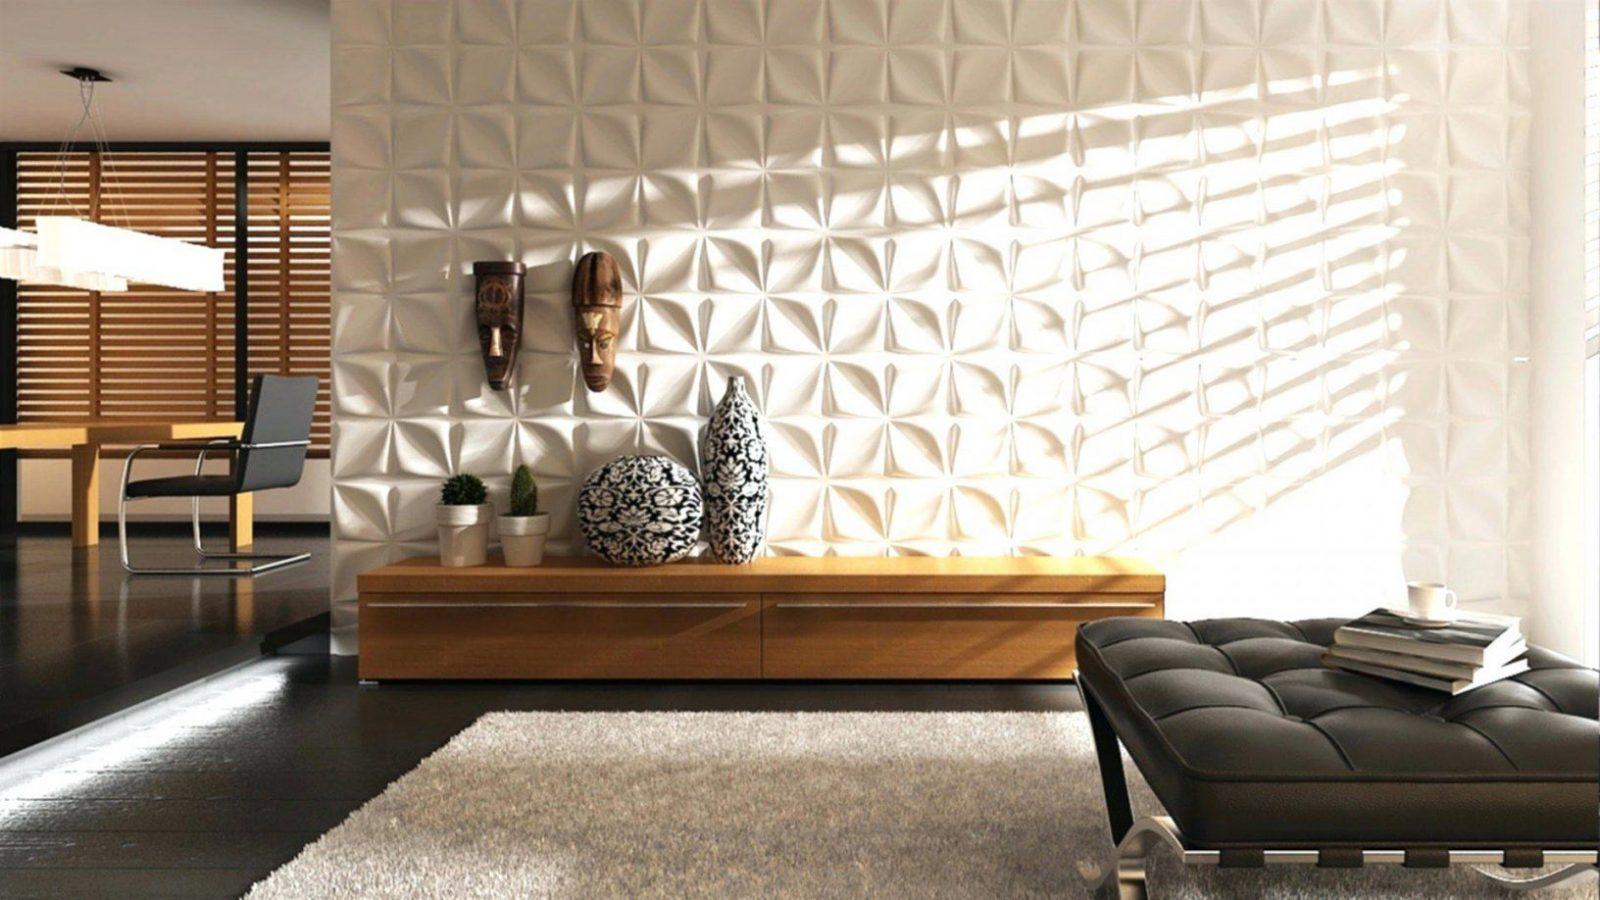 3D Tapete Steinoptik Moderne Deko Idee Bold Design Wohnzimmer Schan von Tapete Steinoptik 3D Wohnzimmer Photo